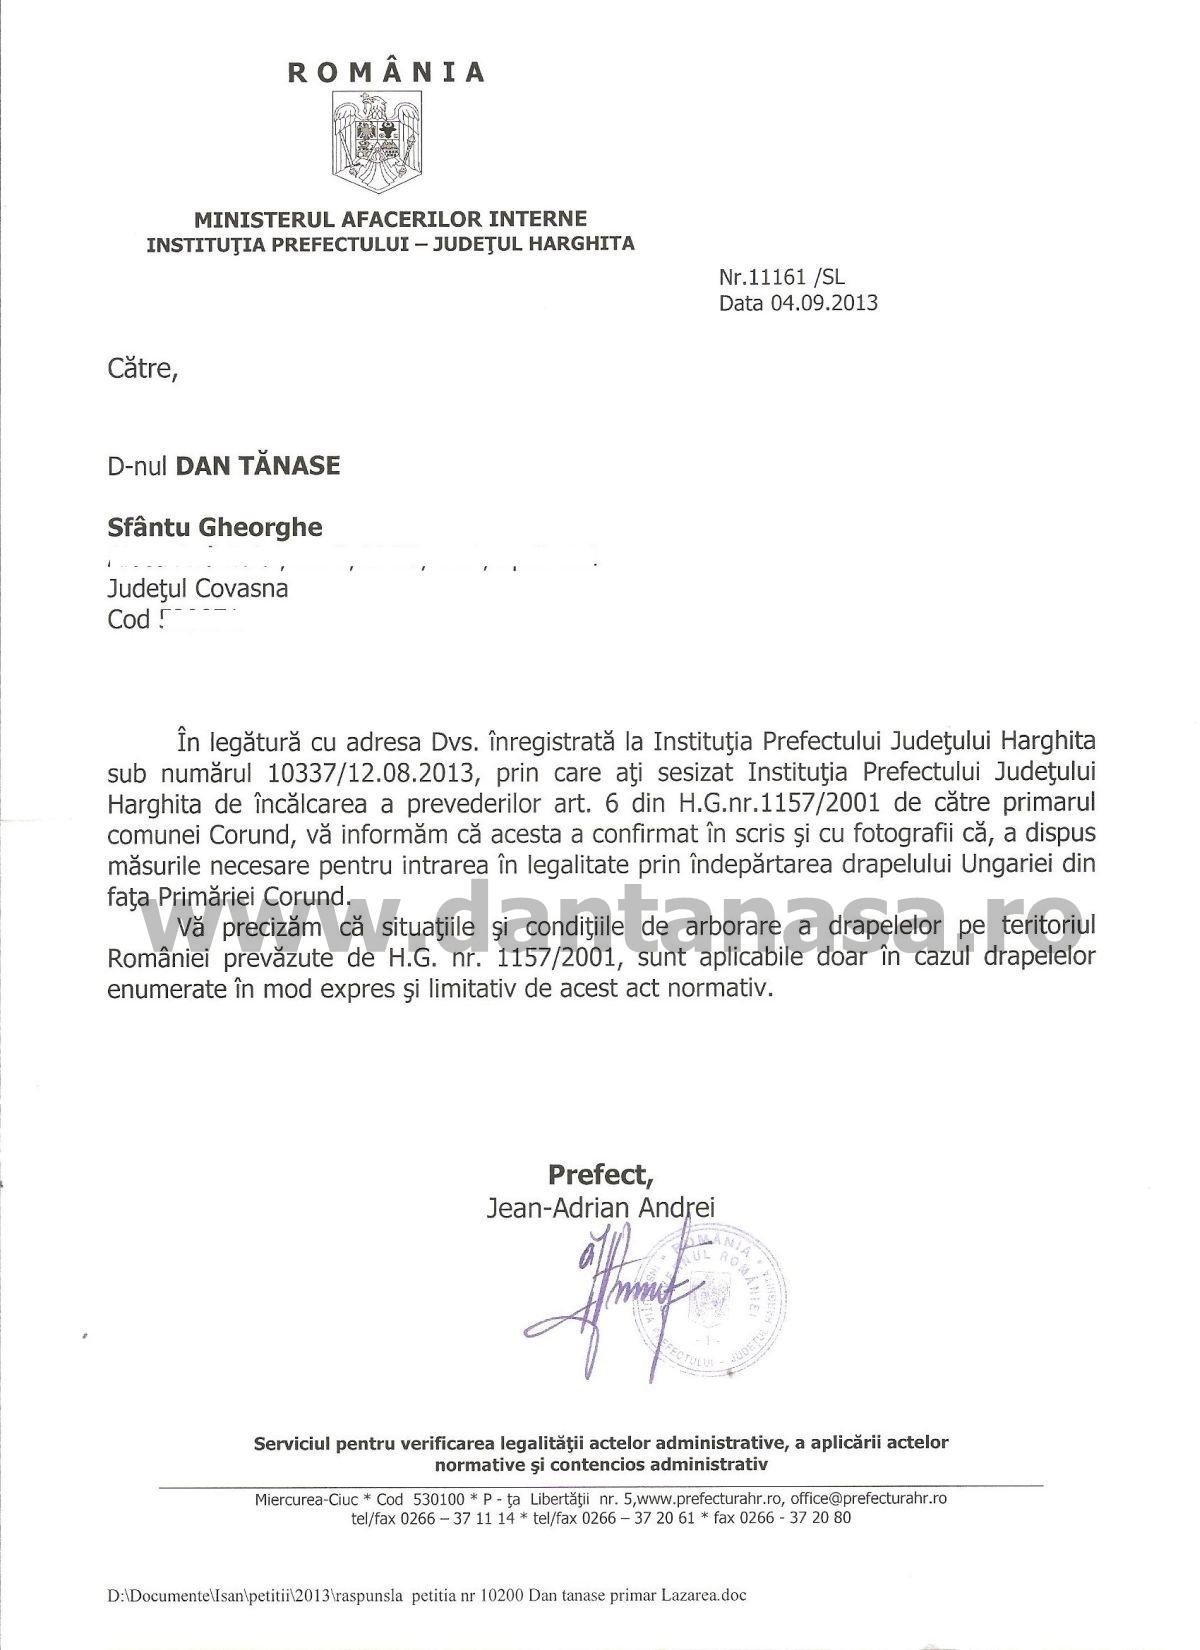 Prefectura Harghita steag Ungaria Primaria Corund Dan Tanasa